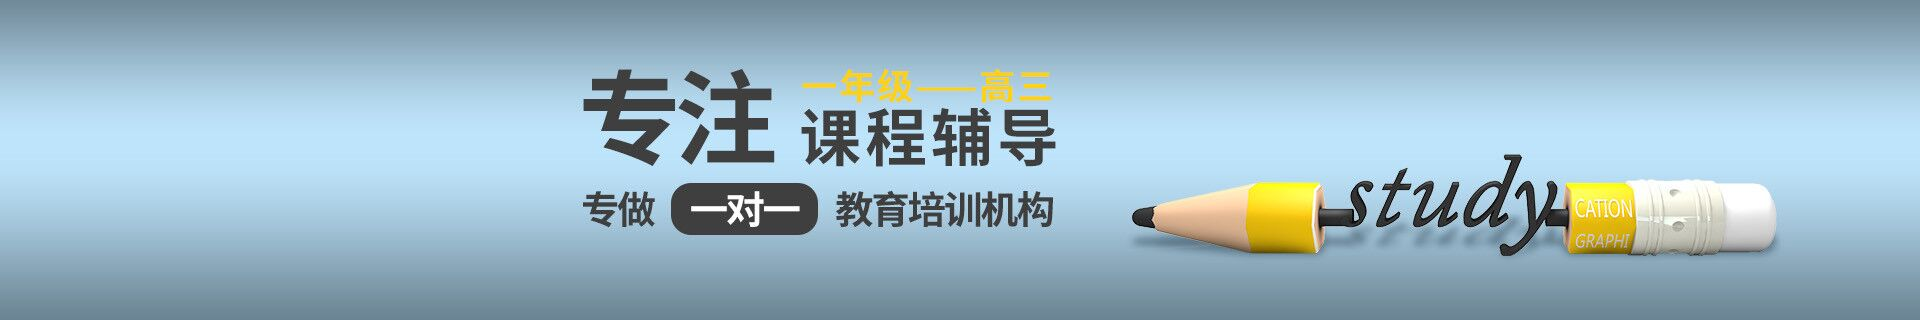 武汉洪山区新竹路尖锋教育机构